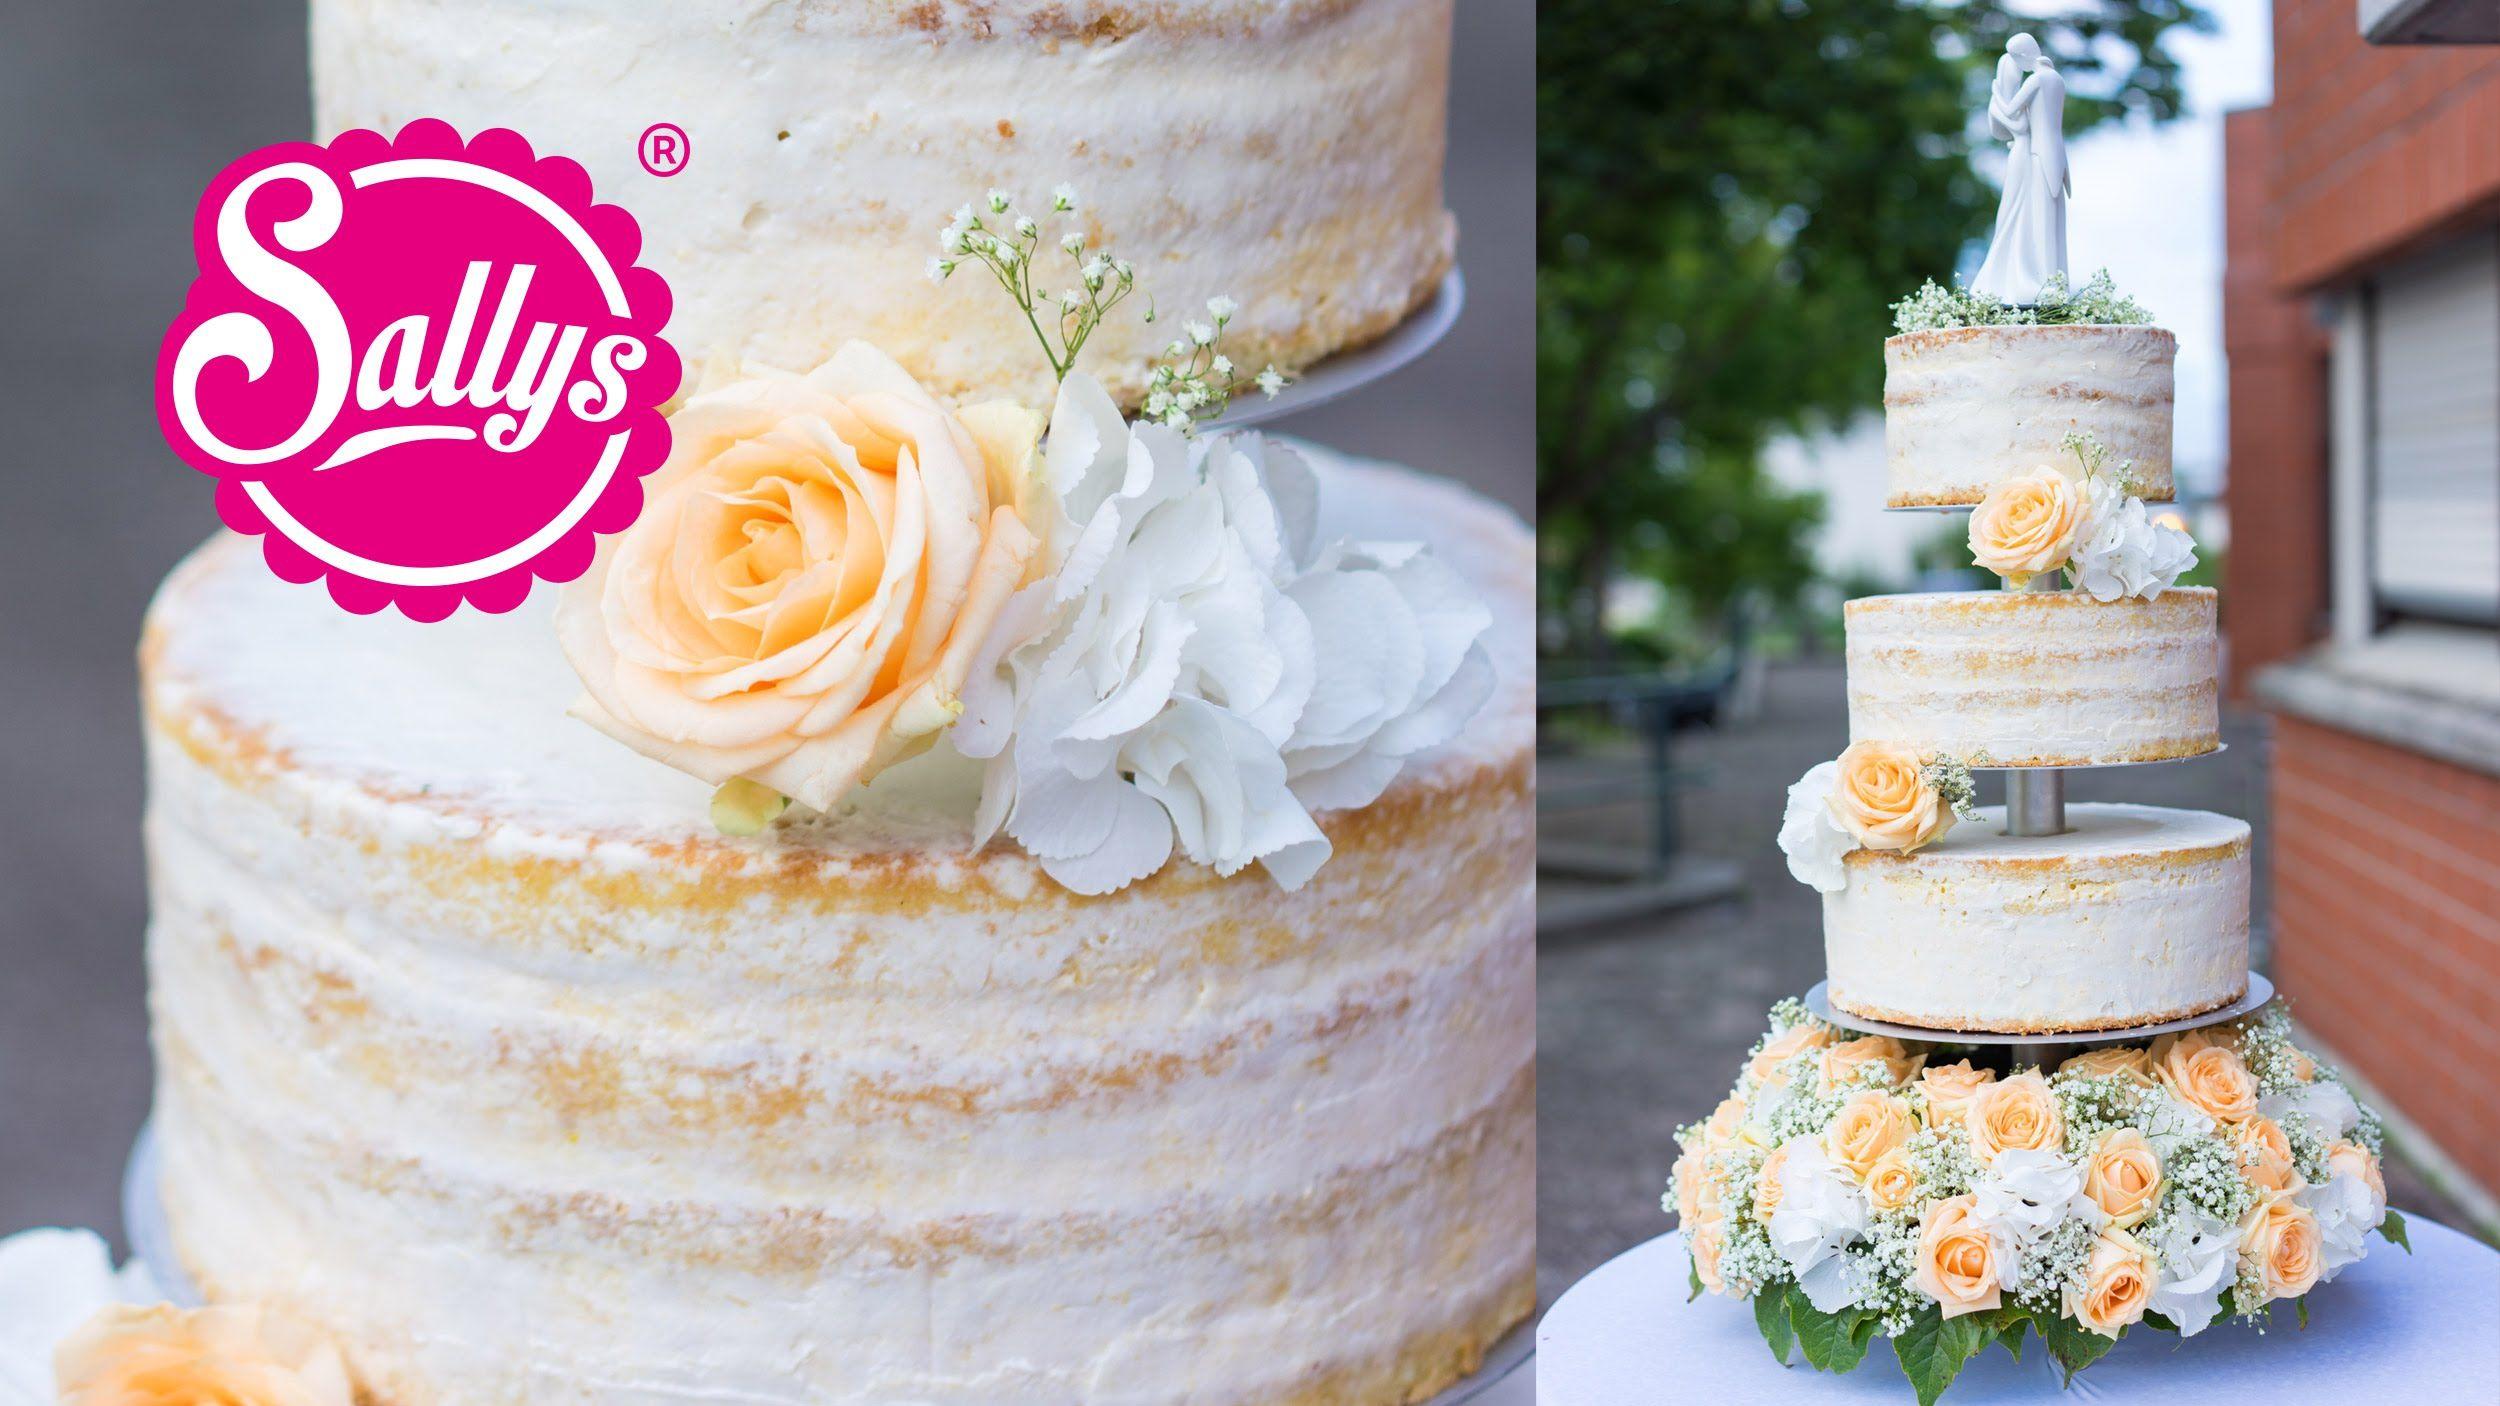 Hochzeitstorte dreist ckig naked cake eistorte mit pfirsich mango par kuchen torten - Hochzeitstorte dekorieren ...